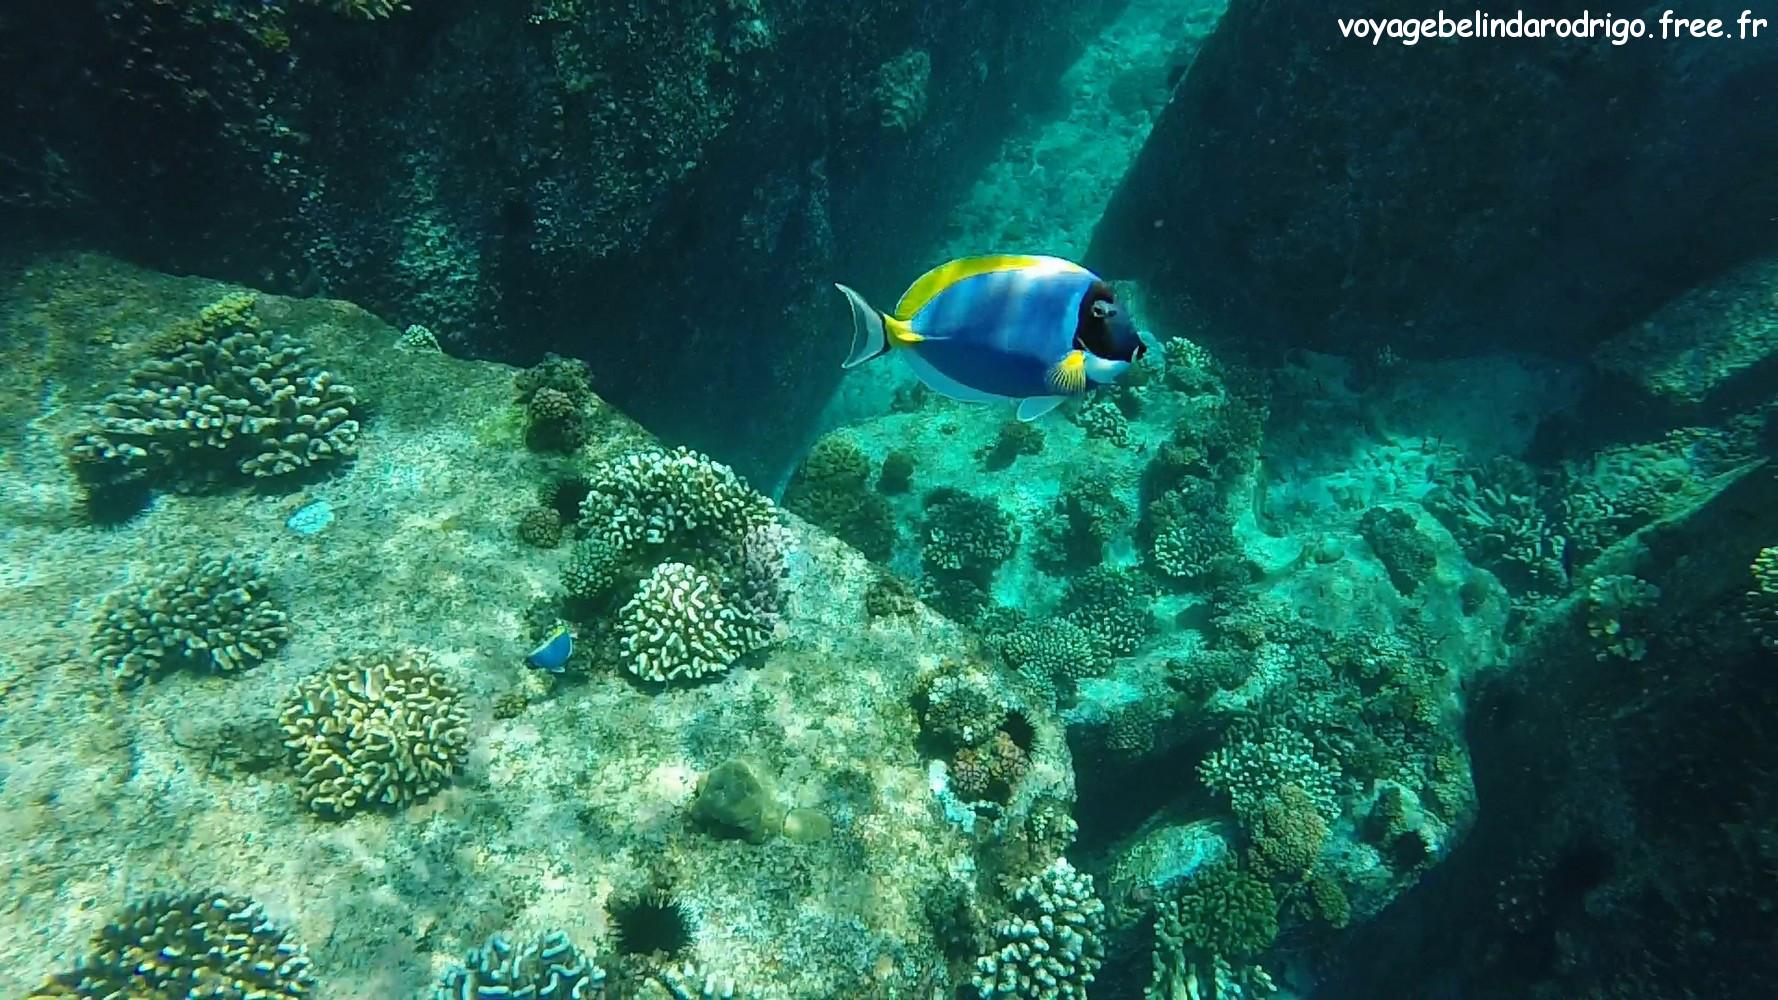 Poisson Chirurgien à poitrine blanche - Snorkeling -  Îles Félicité et Cocos